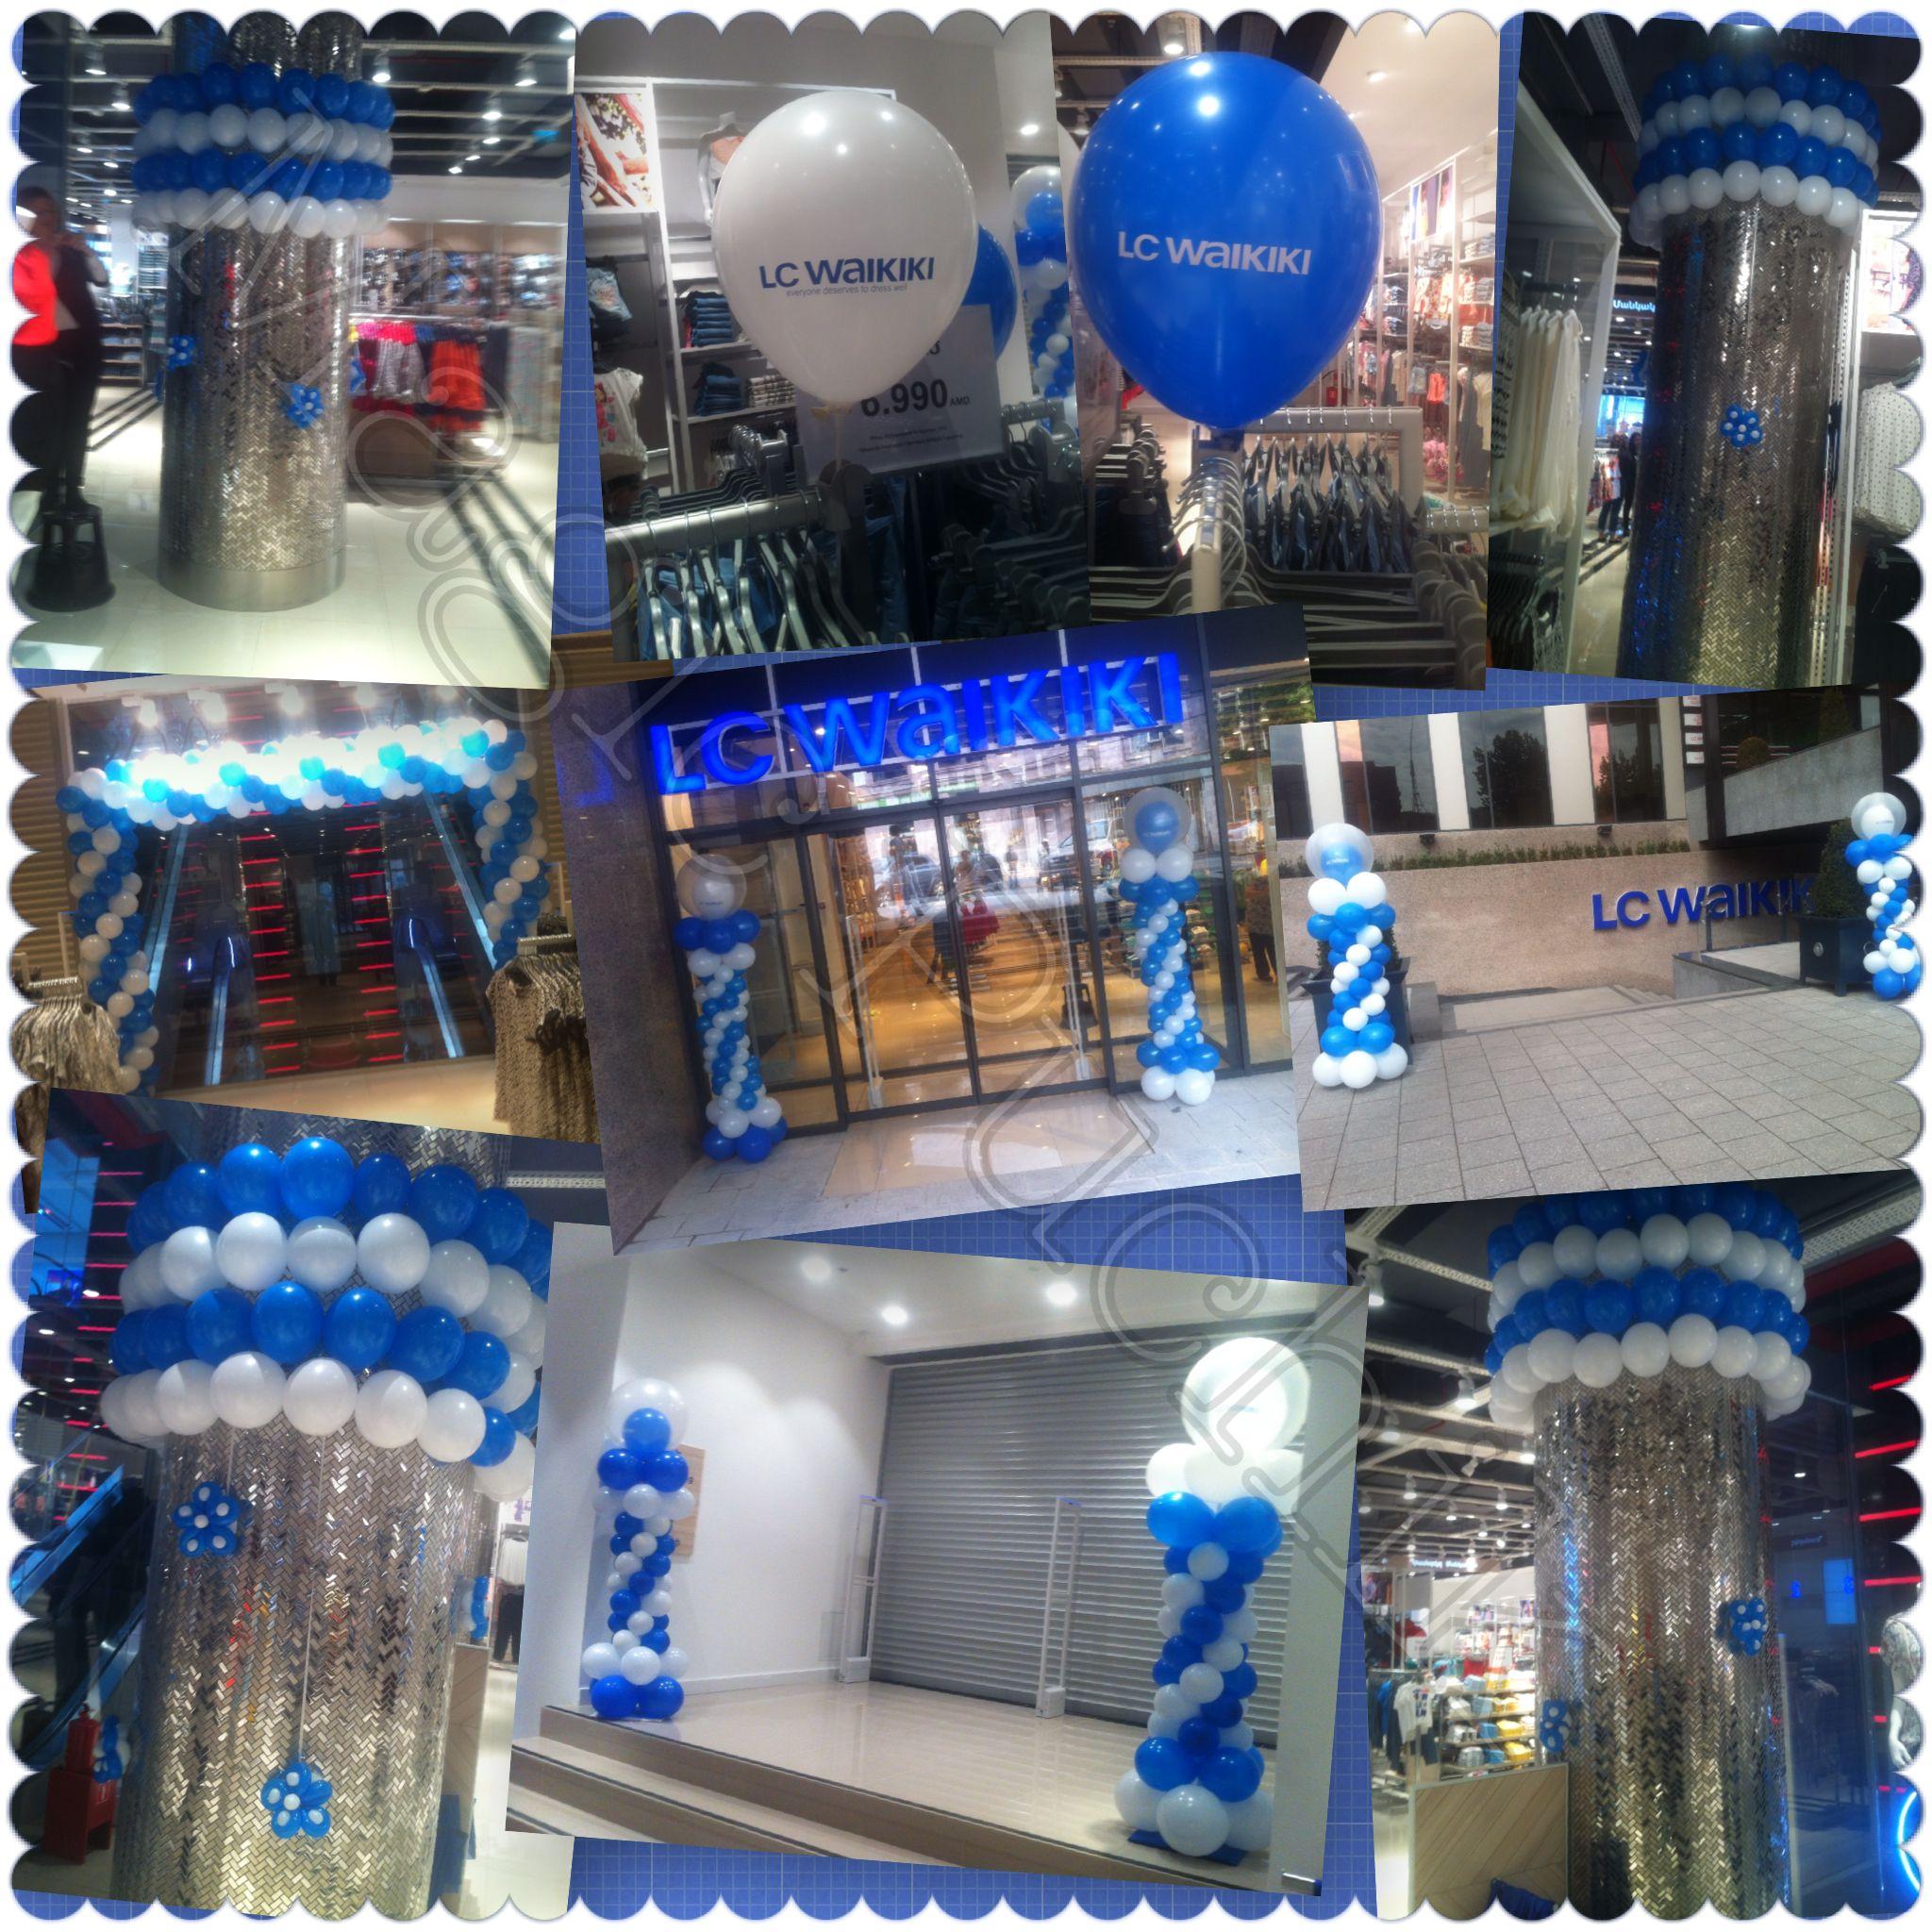 cbcb216d777 New branch LC WAIKIKI opening day at Rossia Mall | Magic Puchik ...